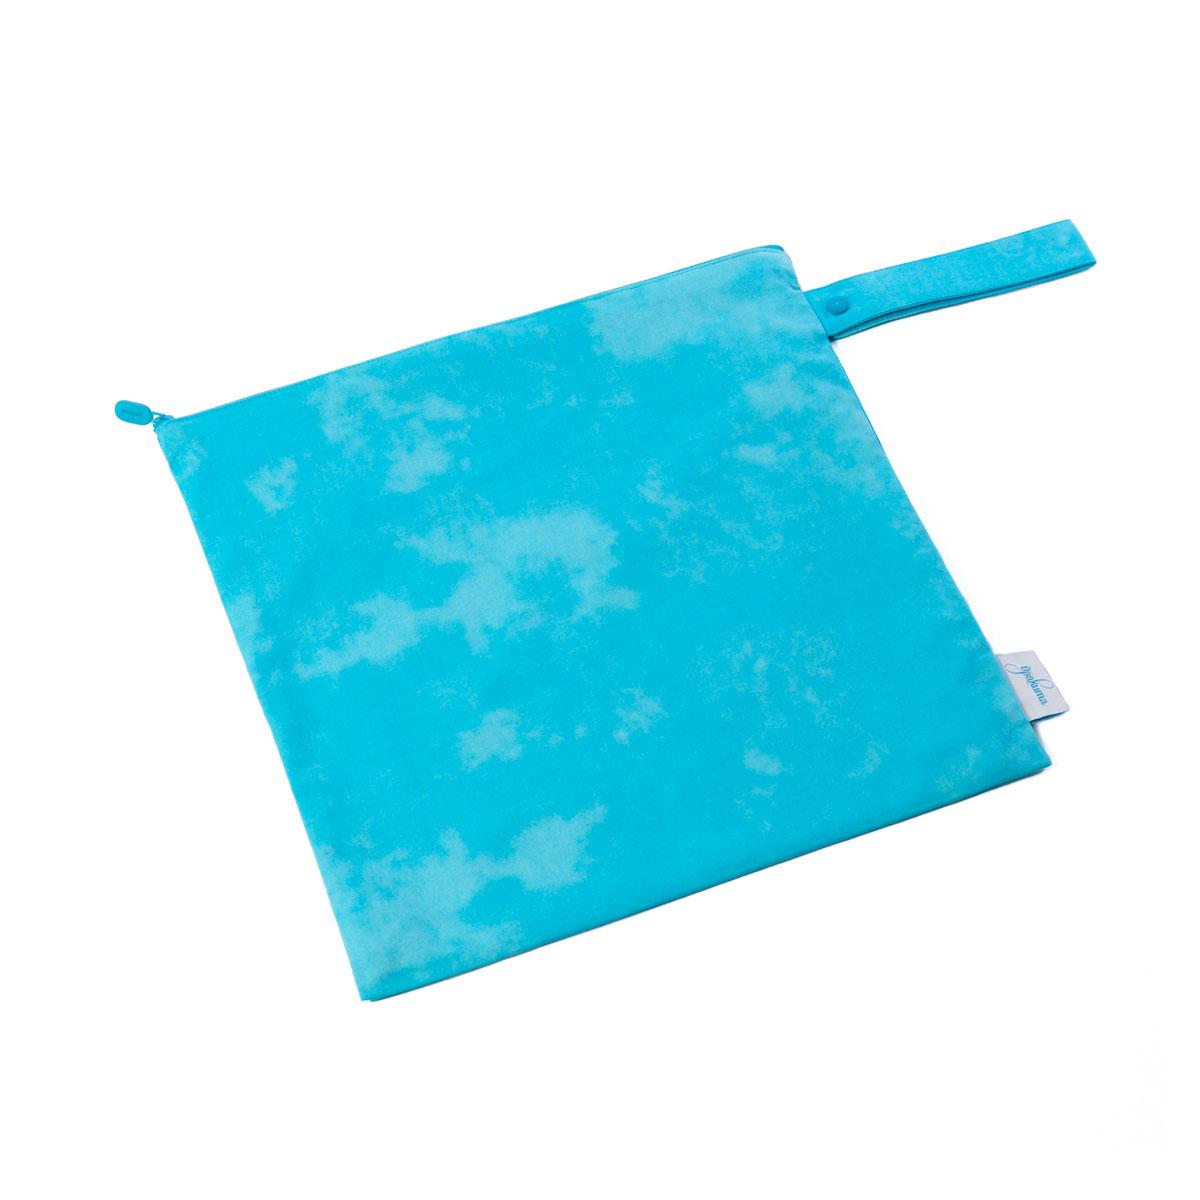 3e1a1ec77d Tote Bag Set Summertime Blue Wet Garment Bag